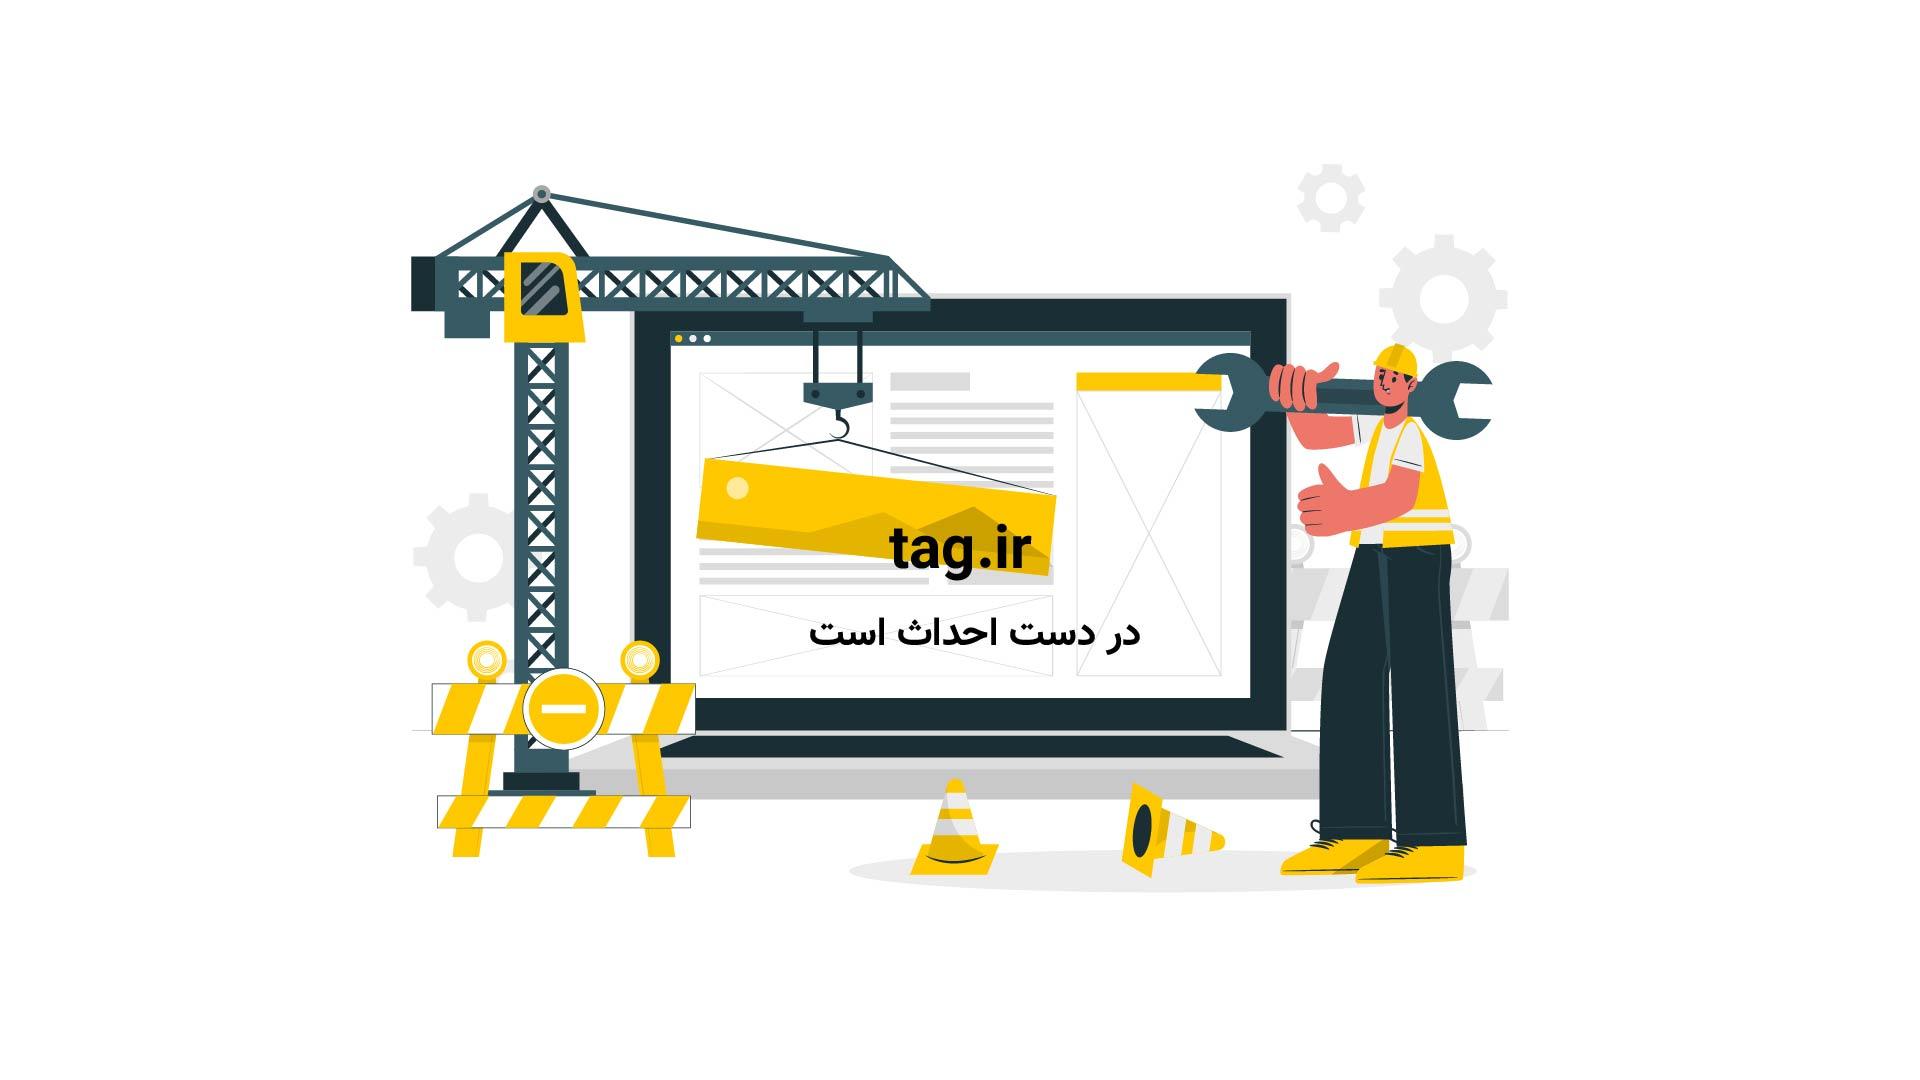 آموزش رسم سه بعدی فیل بر روی کاغذ | فیلم